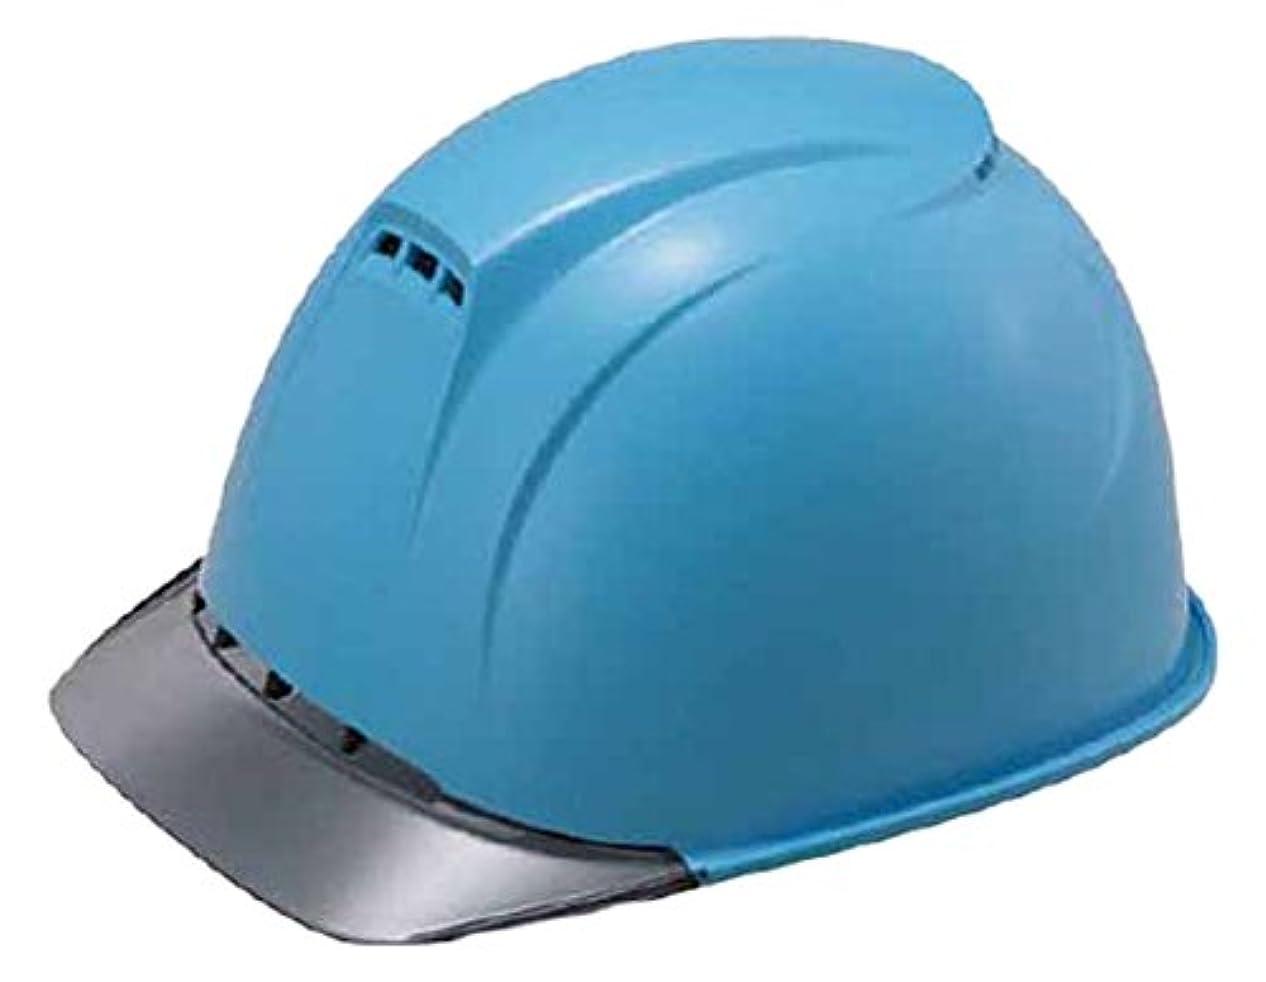 必要としている配当だますタニザワ ヘルメット(透明ひさし?高通気性型) 青